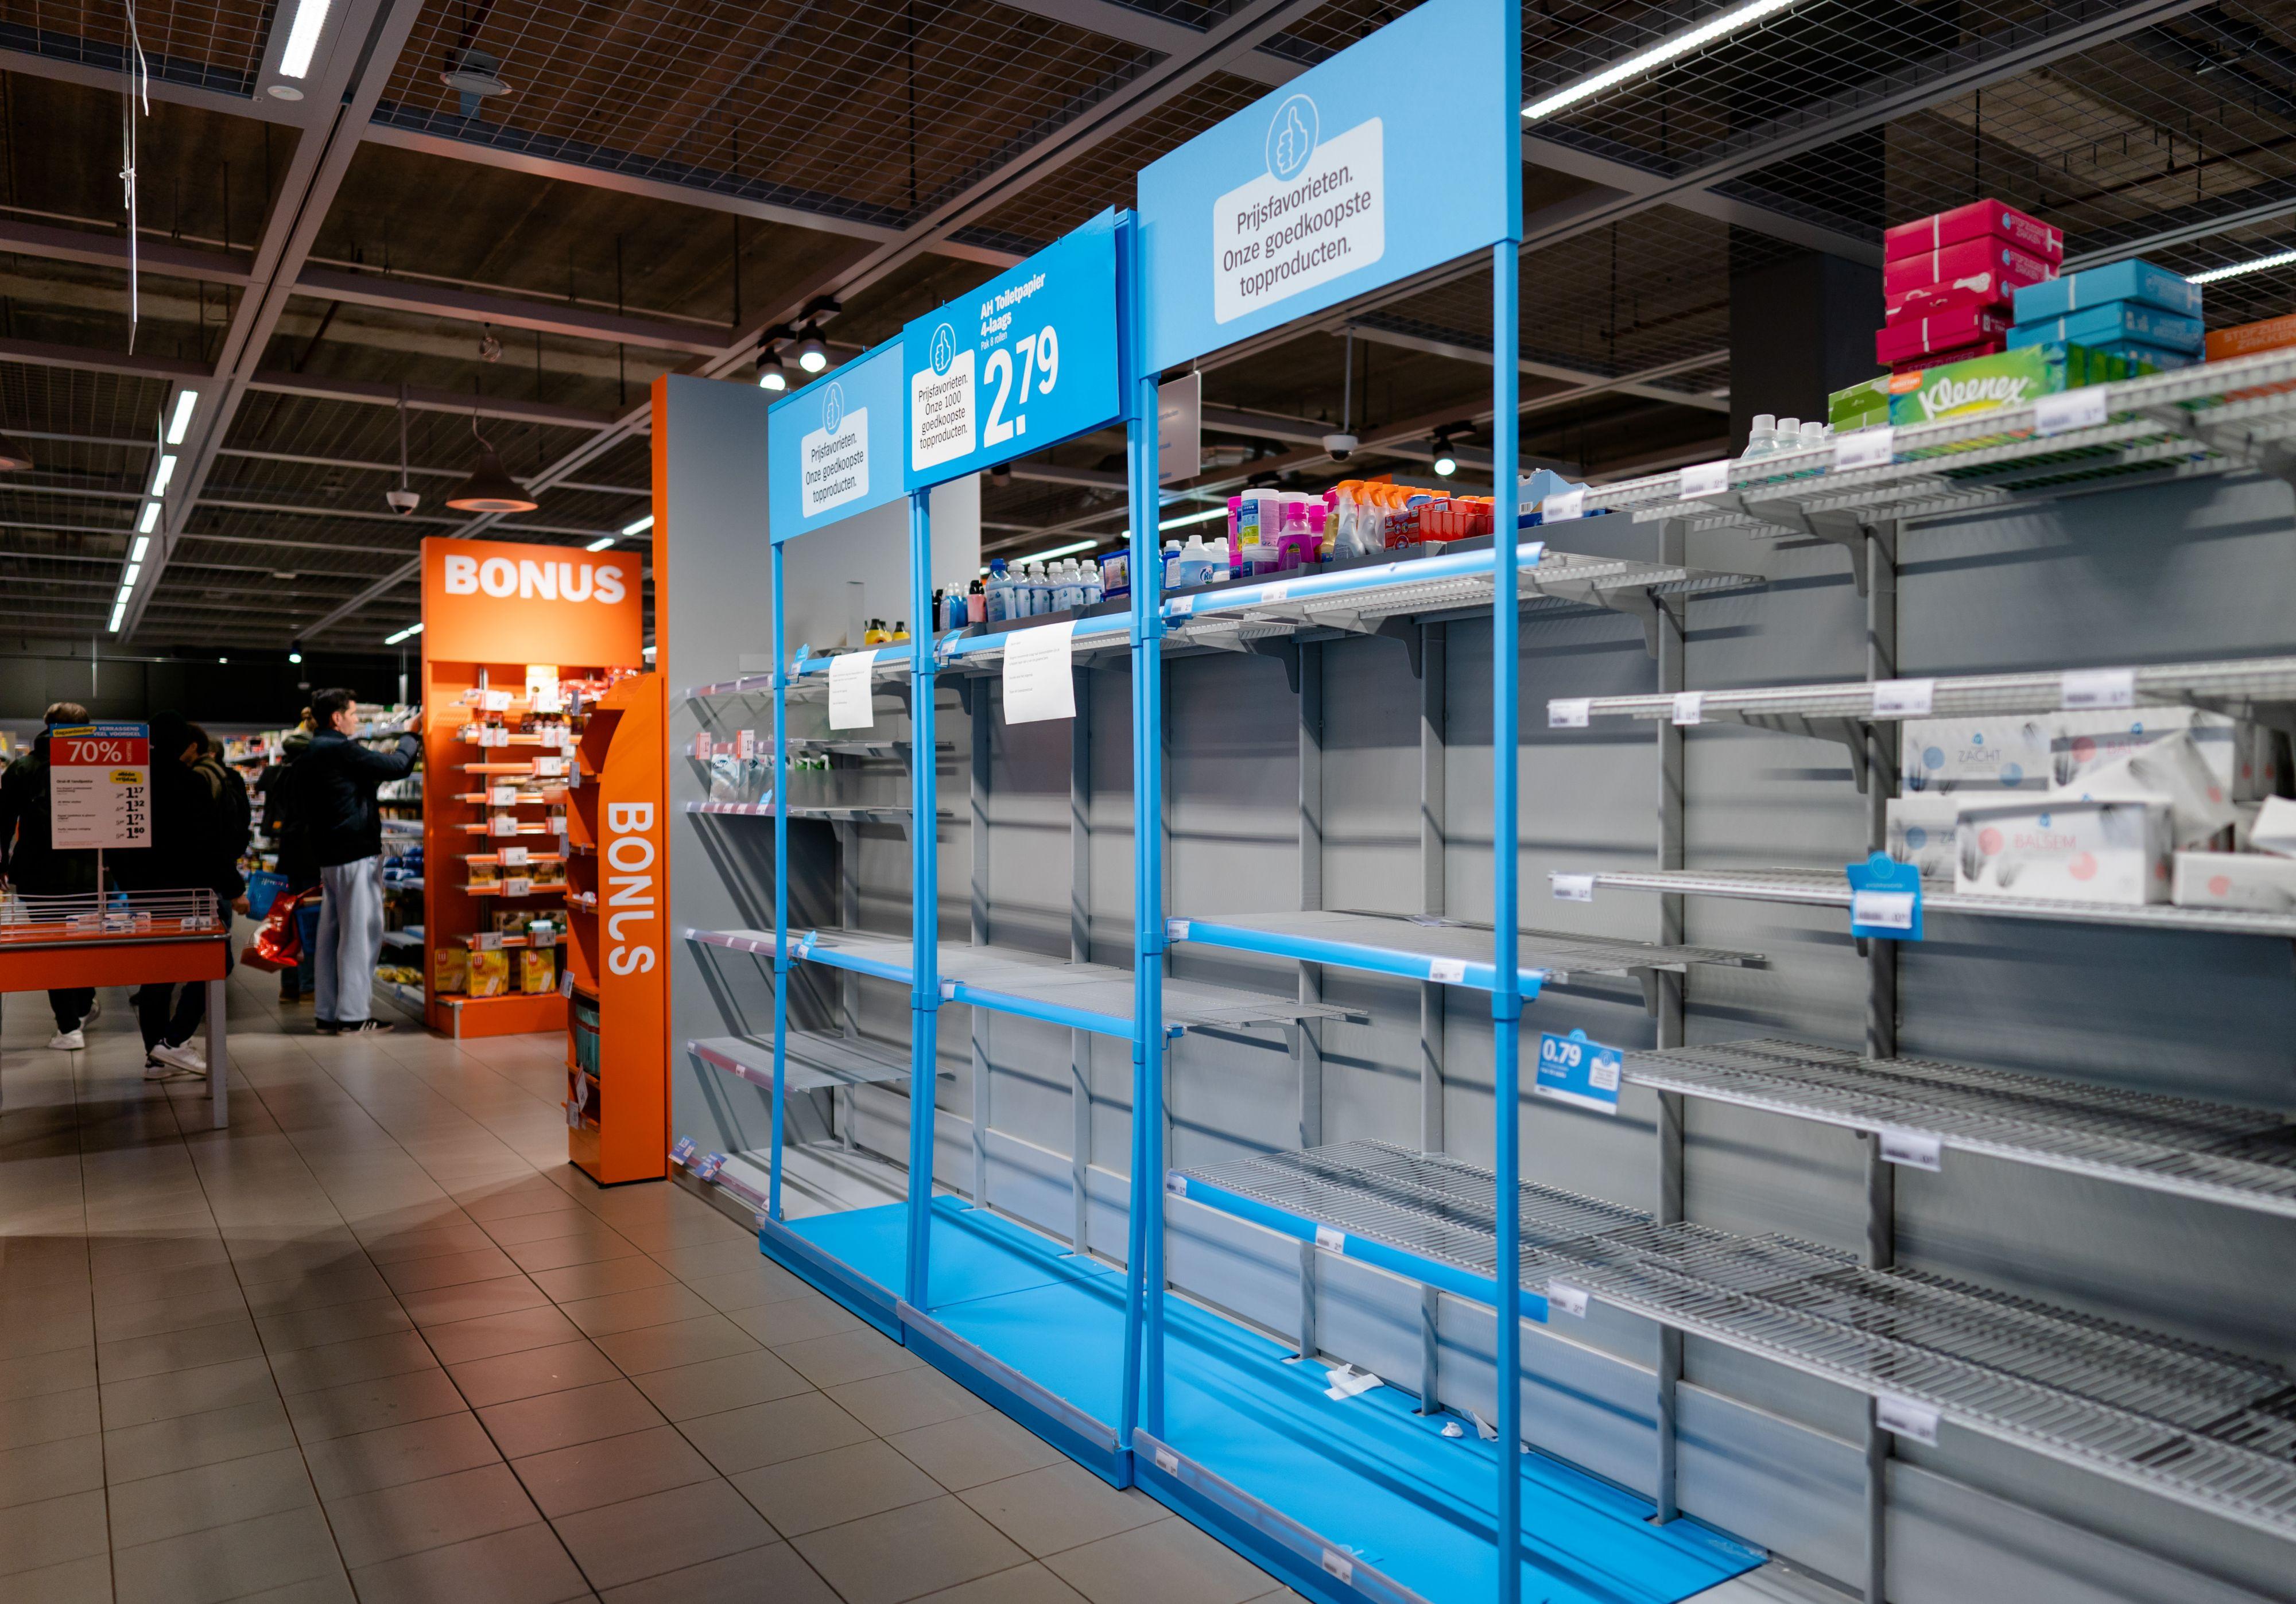 Mensen hamsteren wegens sneeuw, schappen supermarkt leeg - Metronieuws.nl